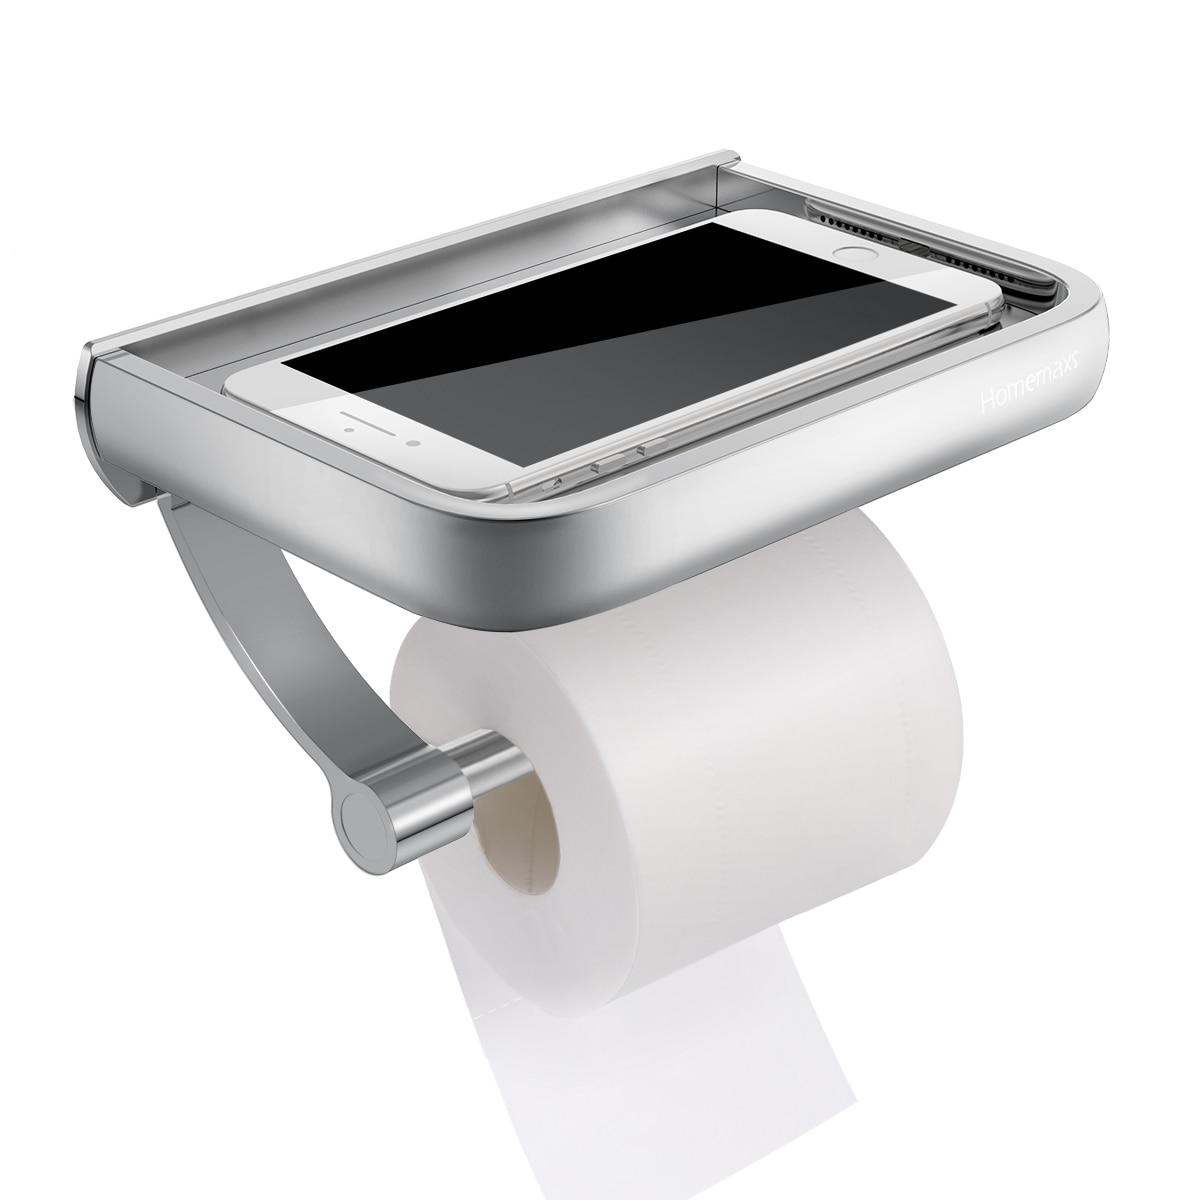 Toilet Paper Holder Bathroom Accessories Tissue Holder